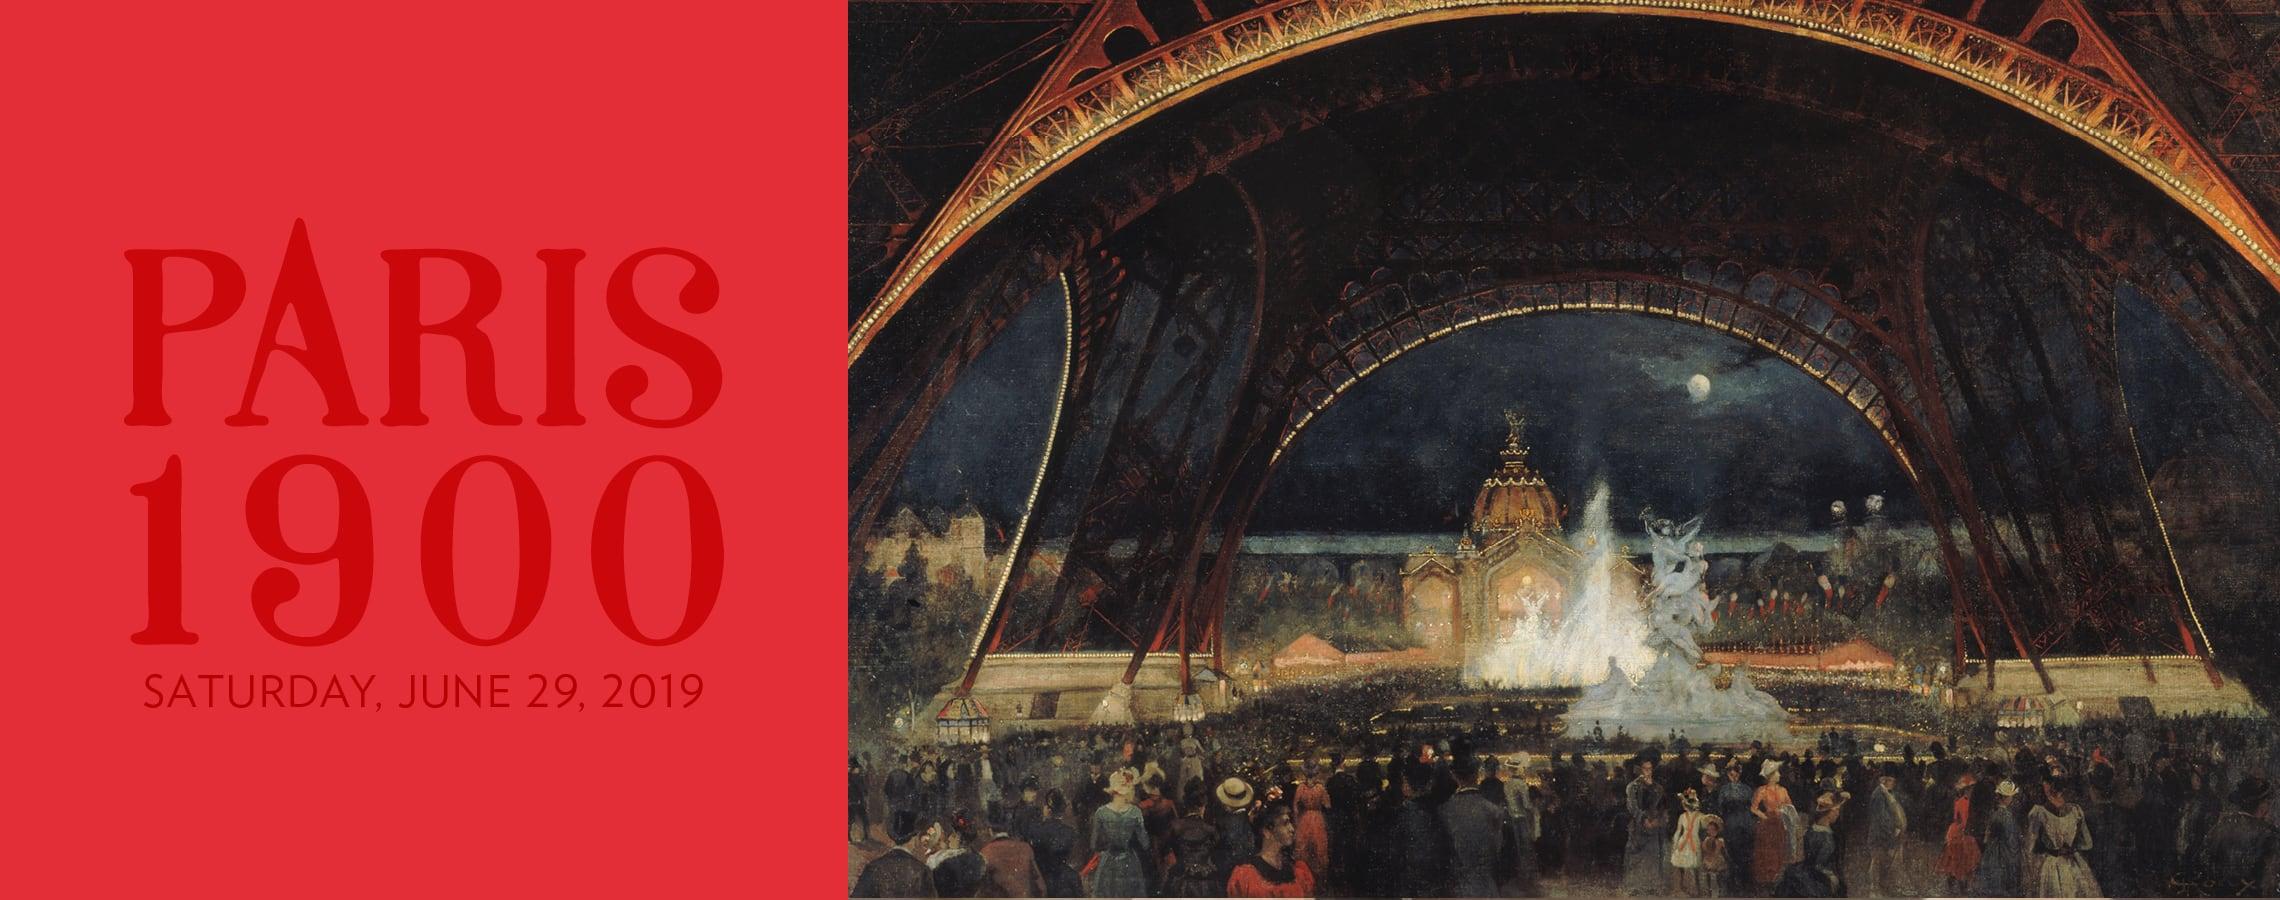 Paris 1900 Gala: Saturday, June 29, 2019